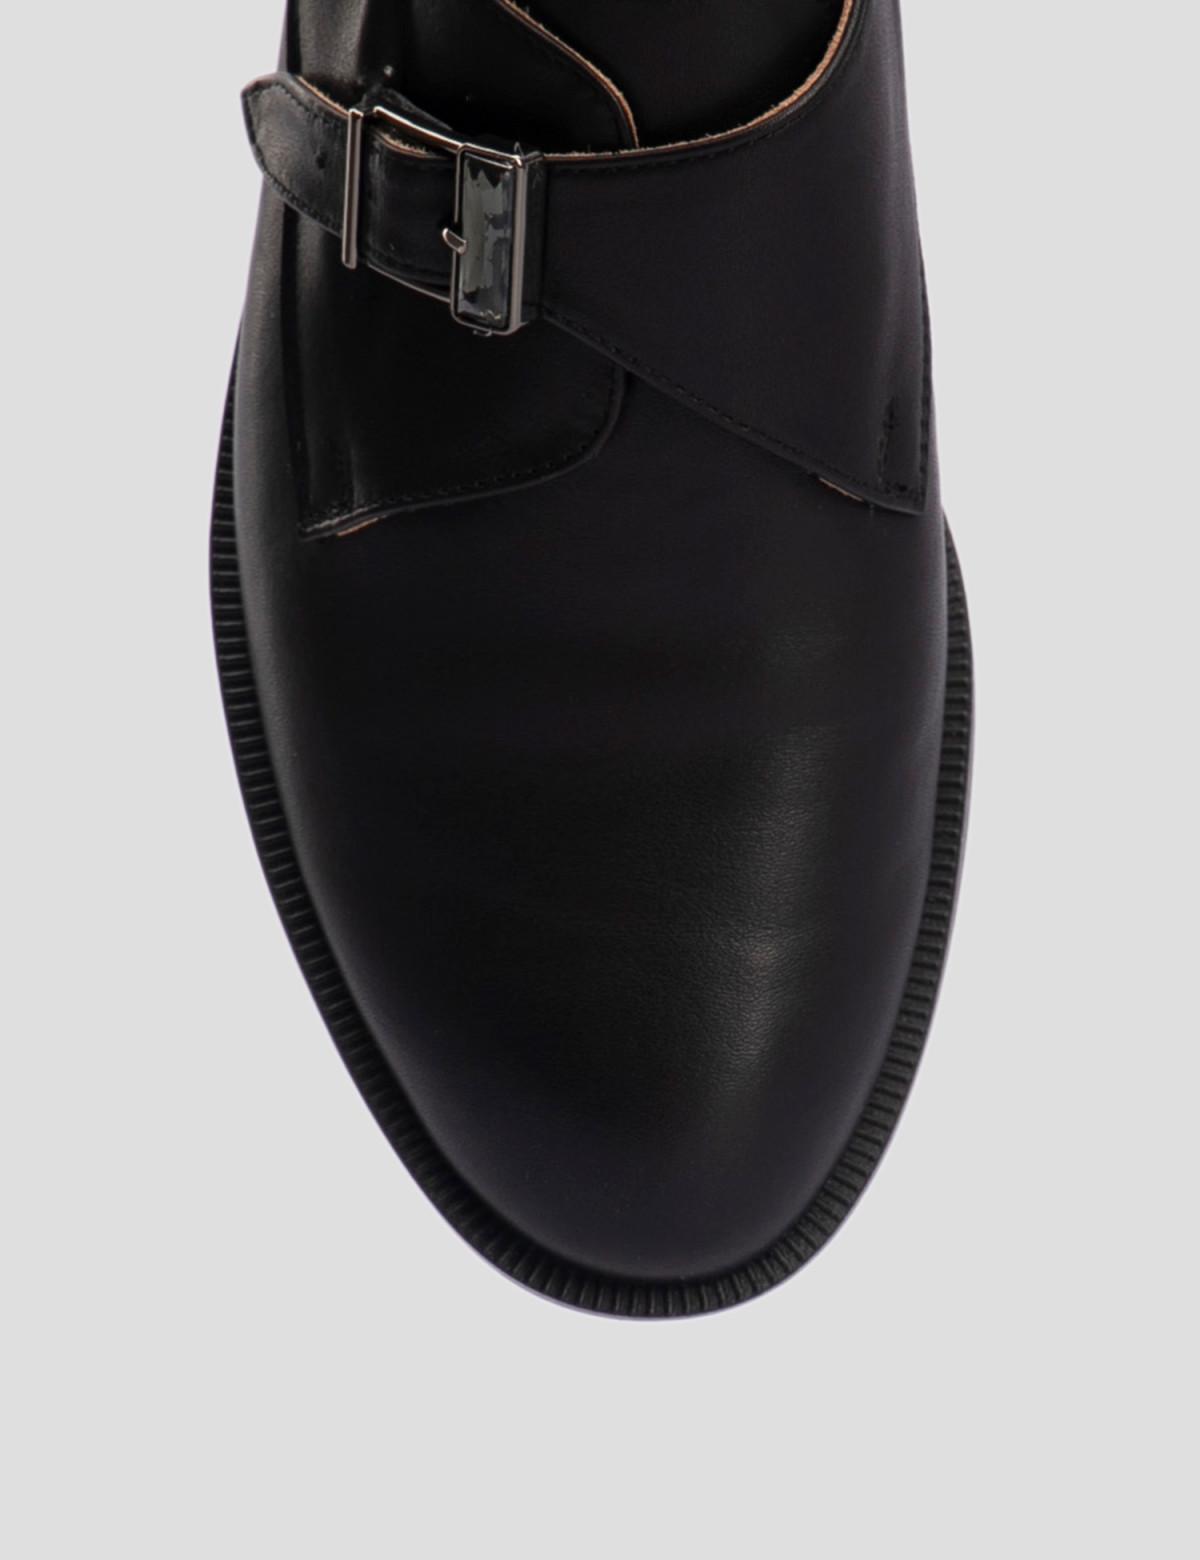 Туфли черные, натуральная кожа4